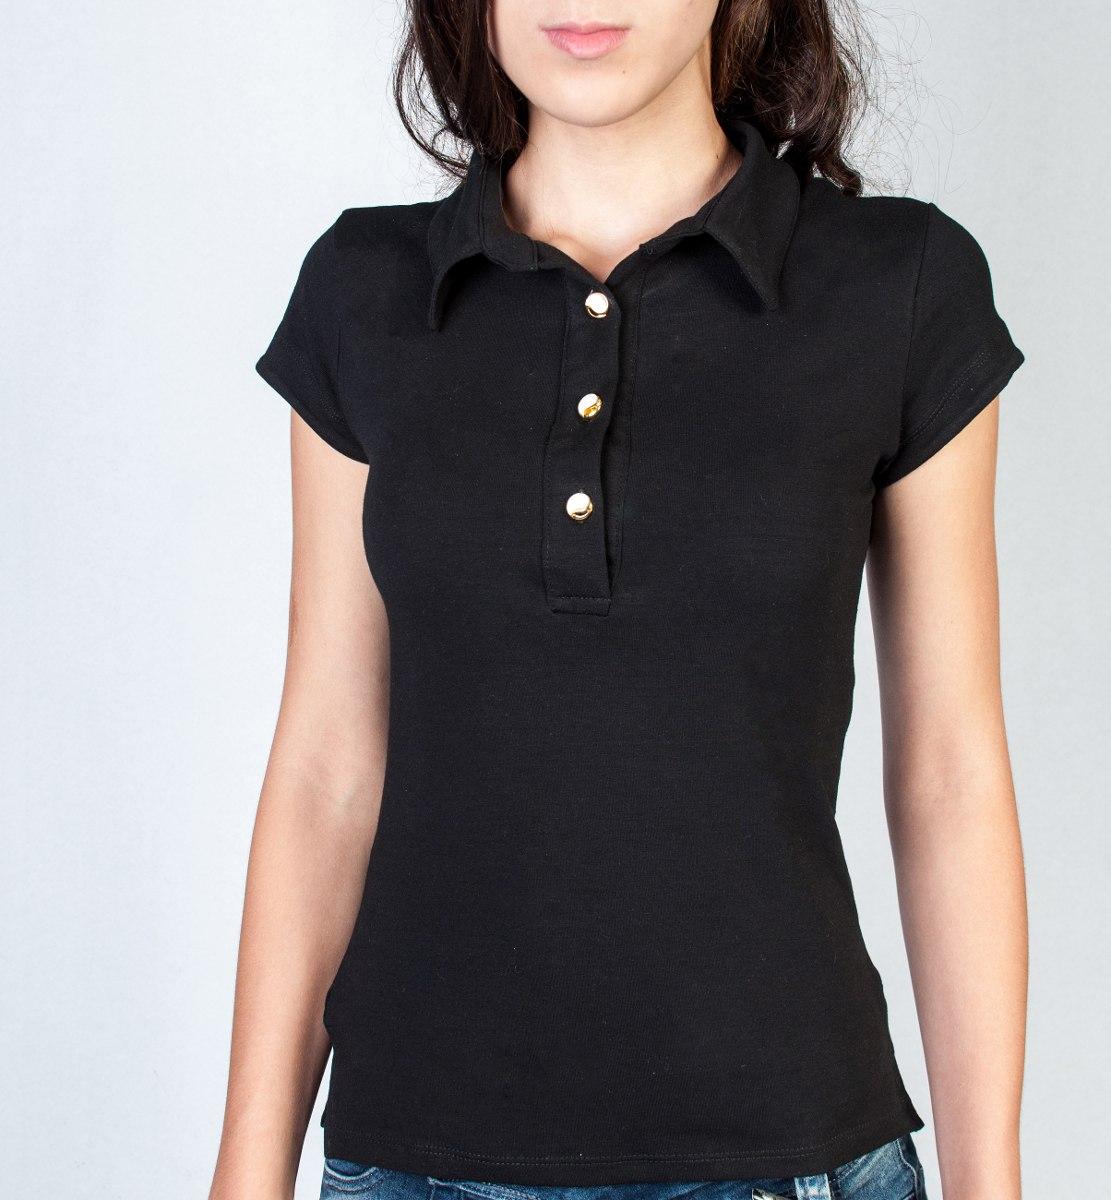 fafa887b49e7b Camiseta Polo Feminina - 3 Botões Cor Preto